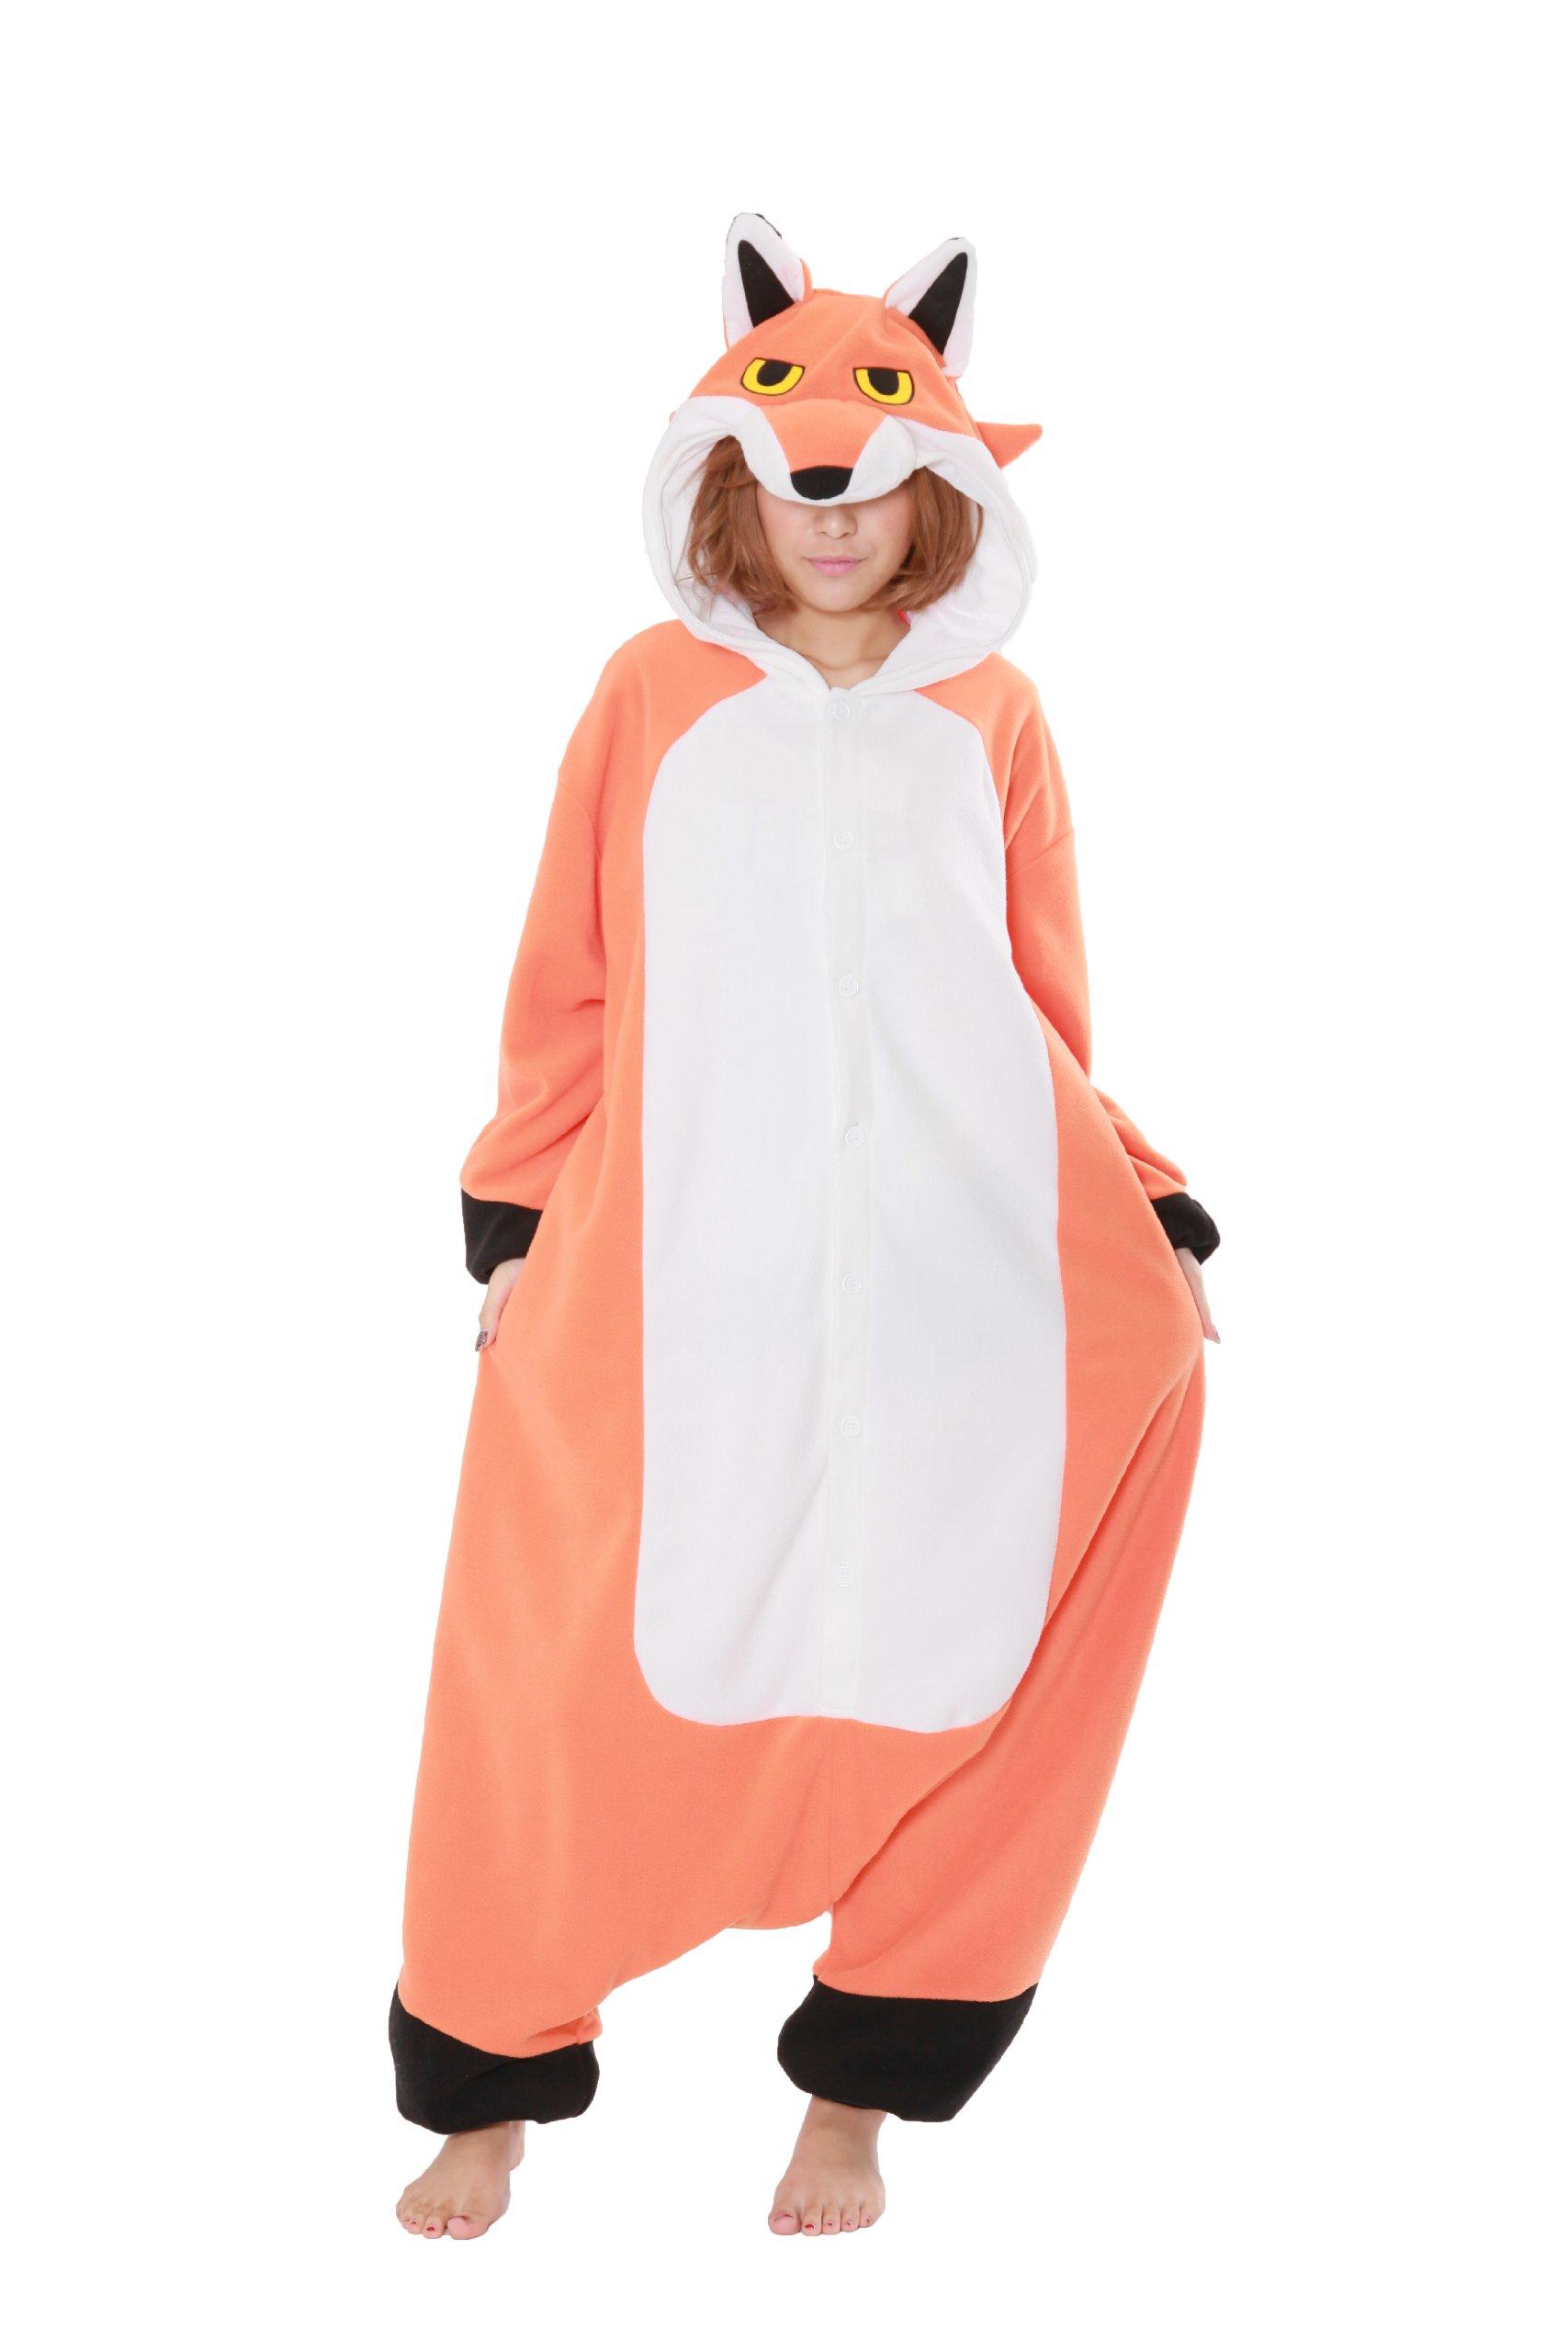 Red Fox Kigurumi - Adult Costume